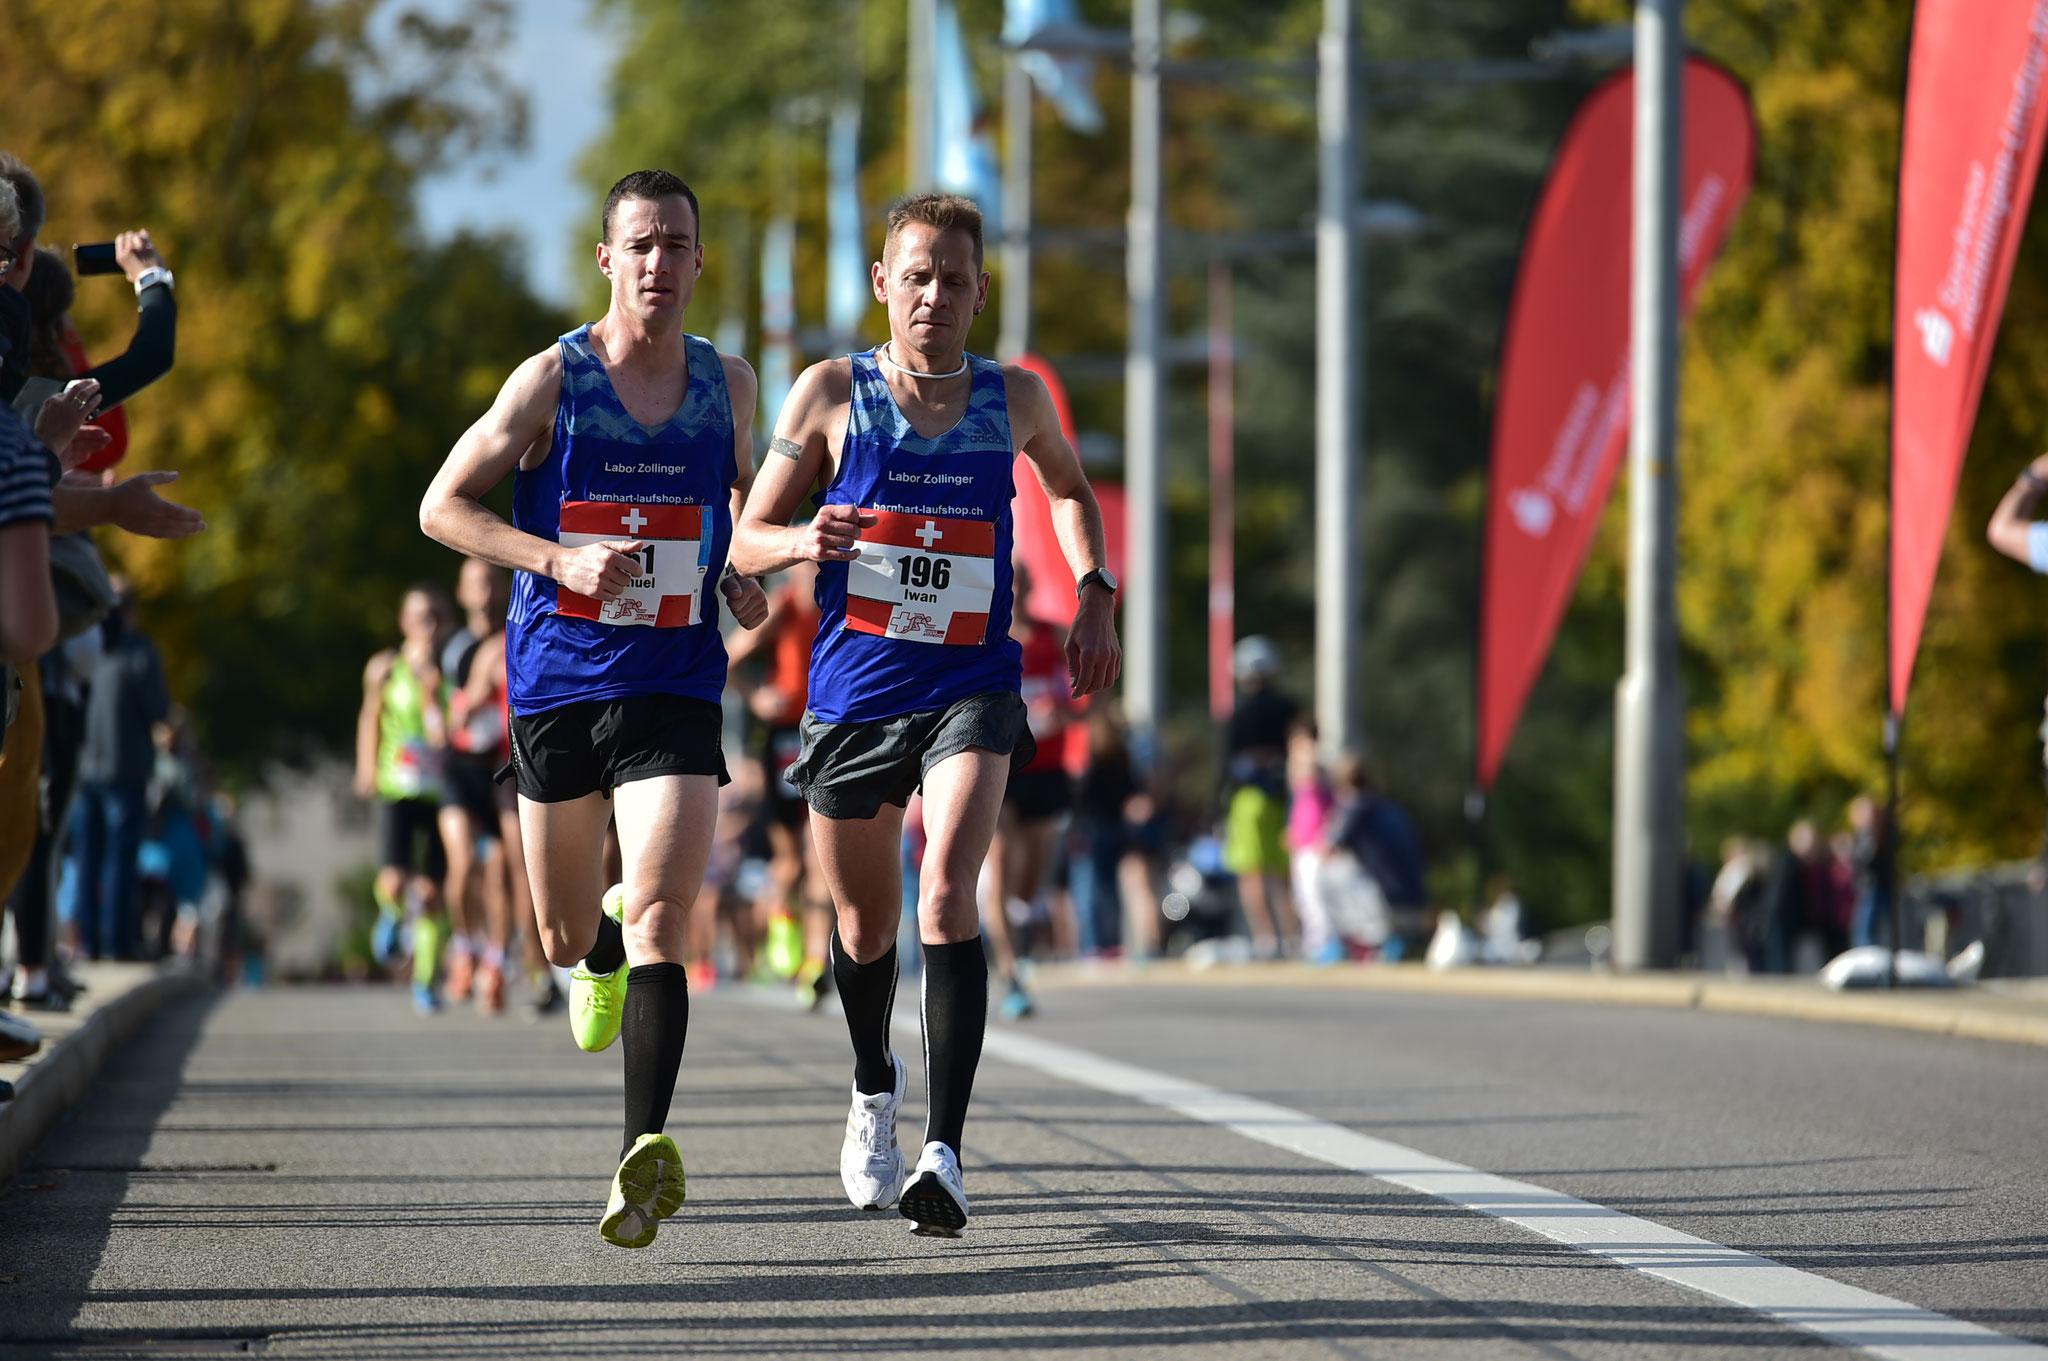 Schweizermeisterschaft Marathon - Dreiländermarathon 2018